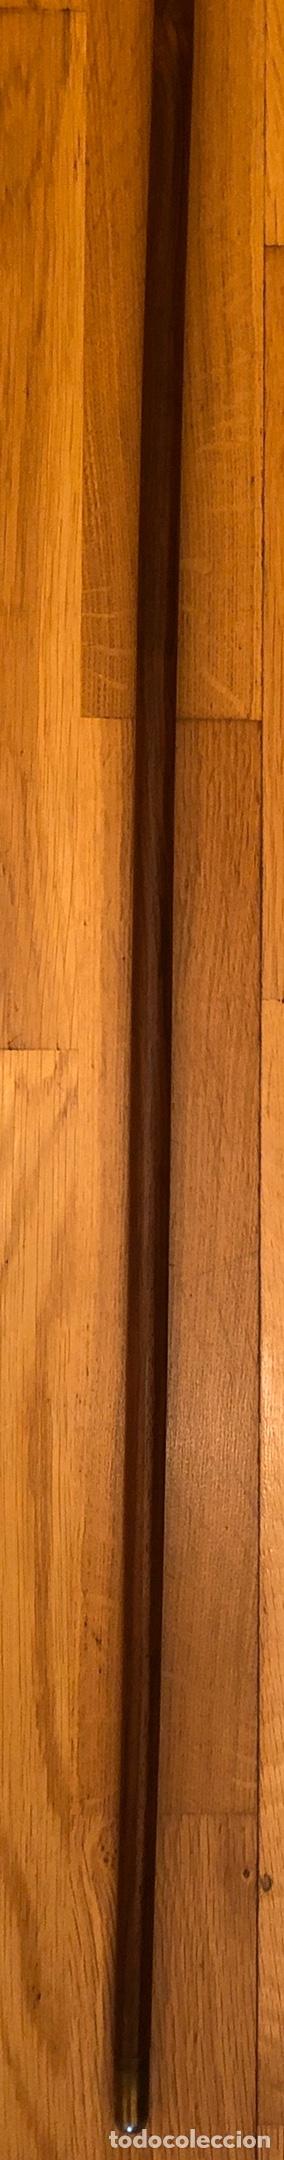 Antigüedades: Magnífico bastón de paseo, con puño de marfil, de talla europea, y vástago en madera de chicaranda. - Foto 7 - 181182112